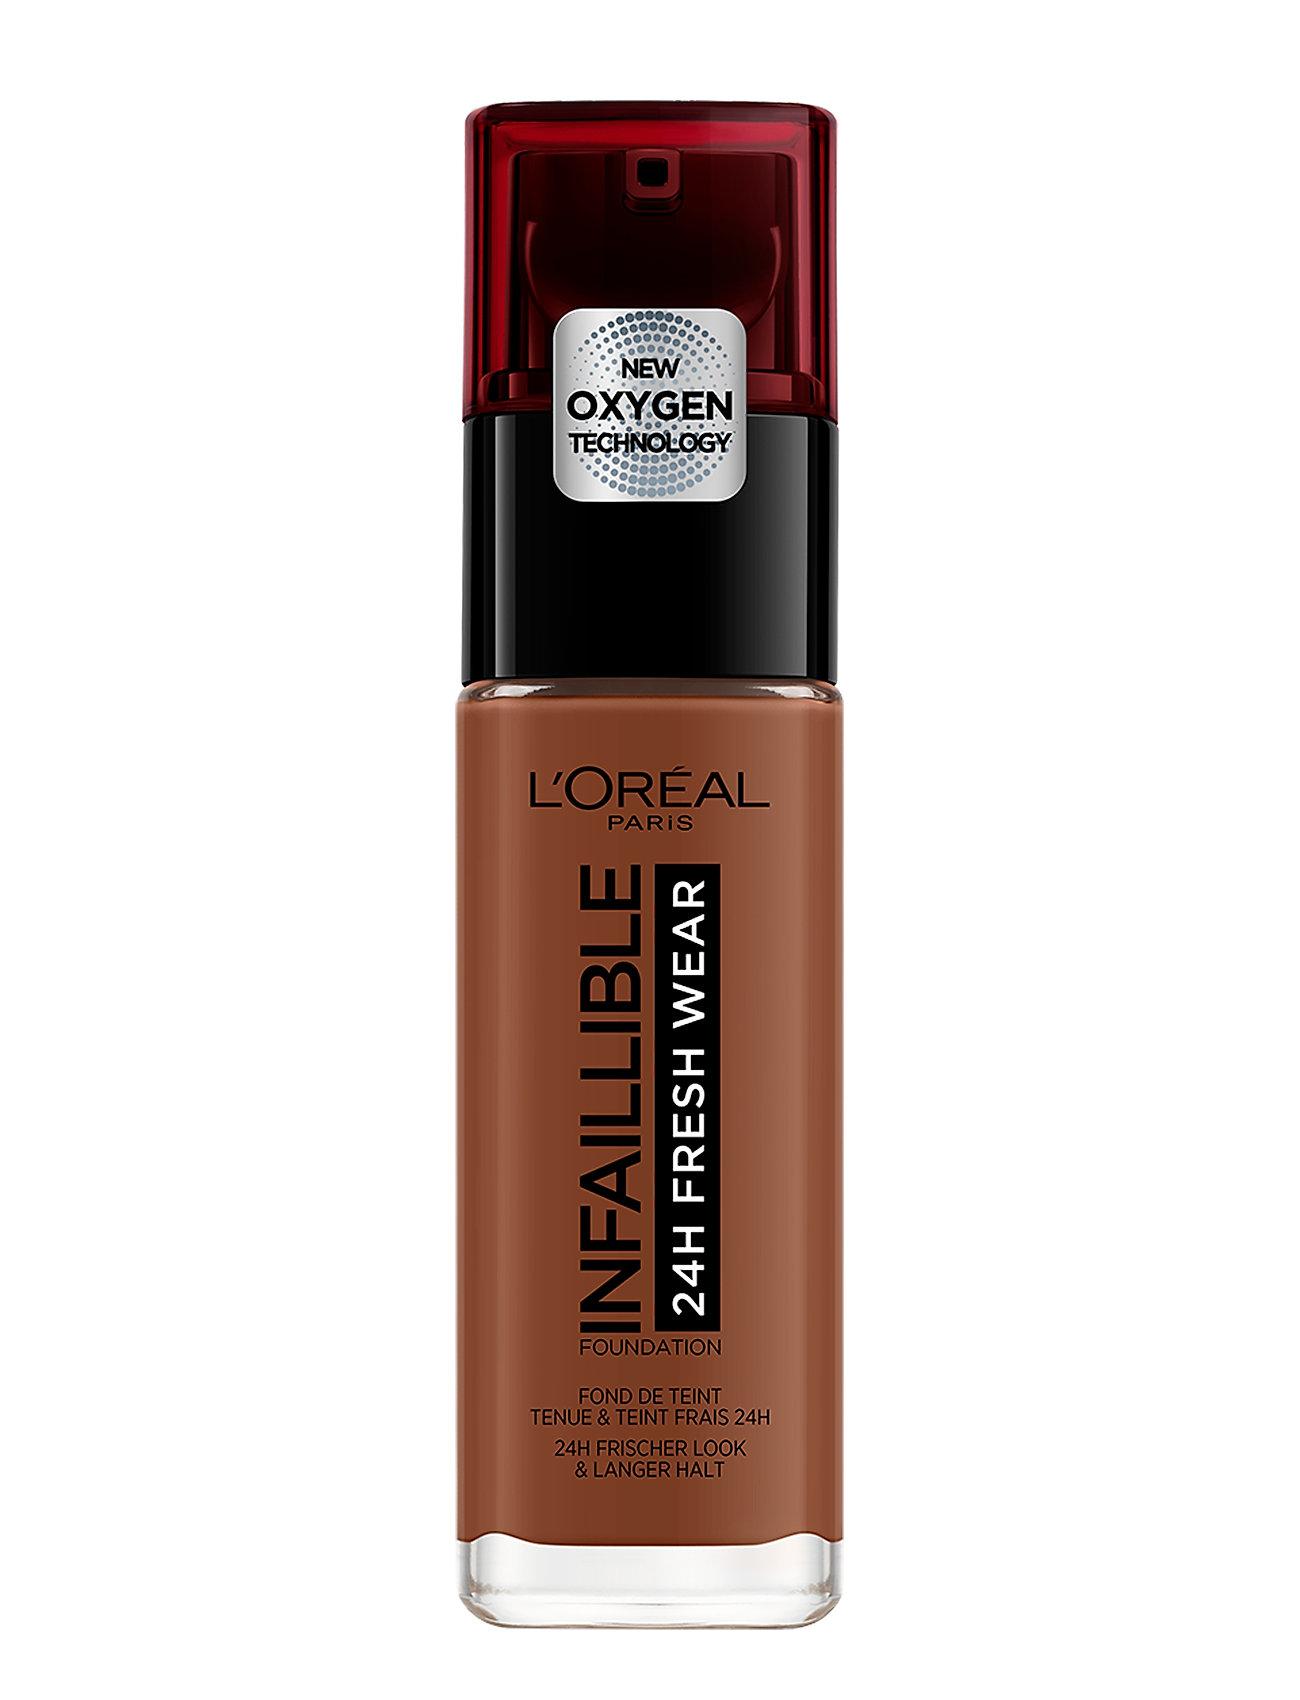 Image of Infaillible 24 Stay Fresh Foundation Foundation Makeup L'Oréal Paris (3373407905)